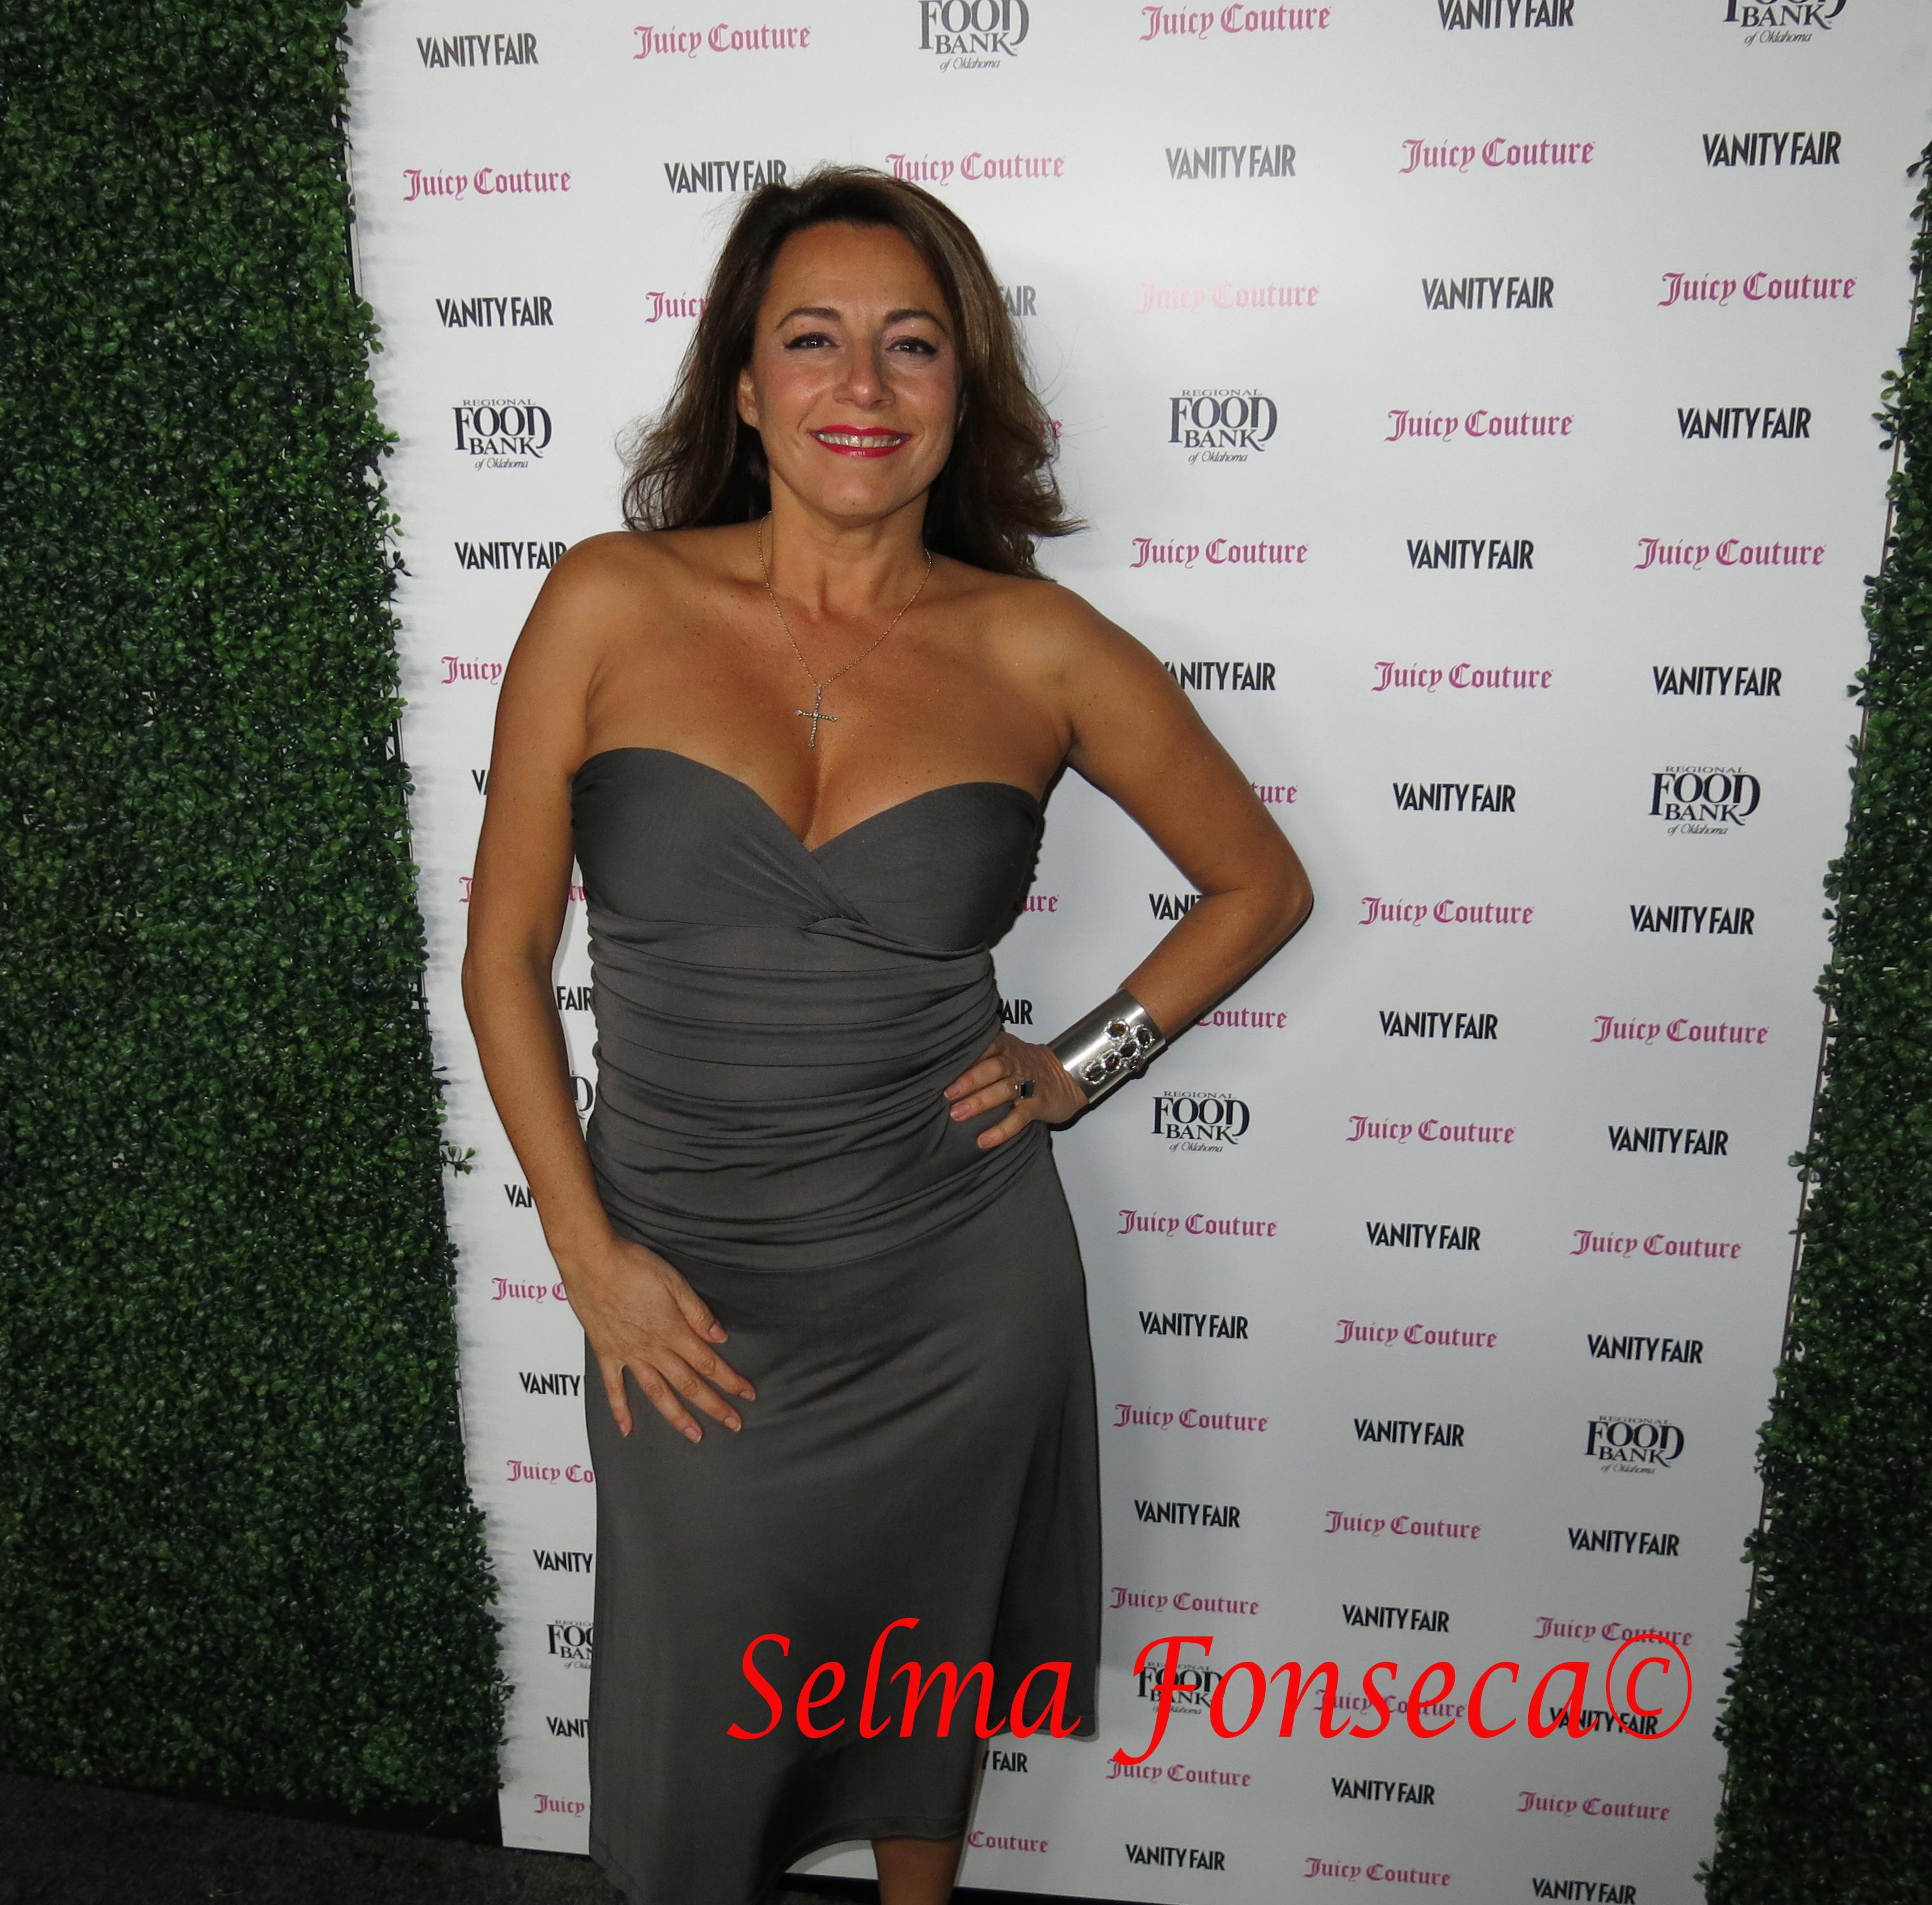 Vanity Fair_Selma Fonseca copy.jpg